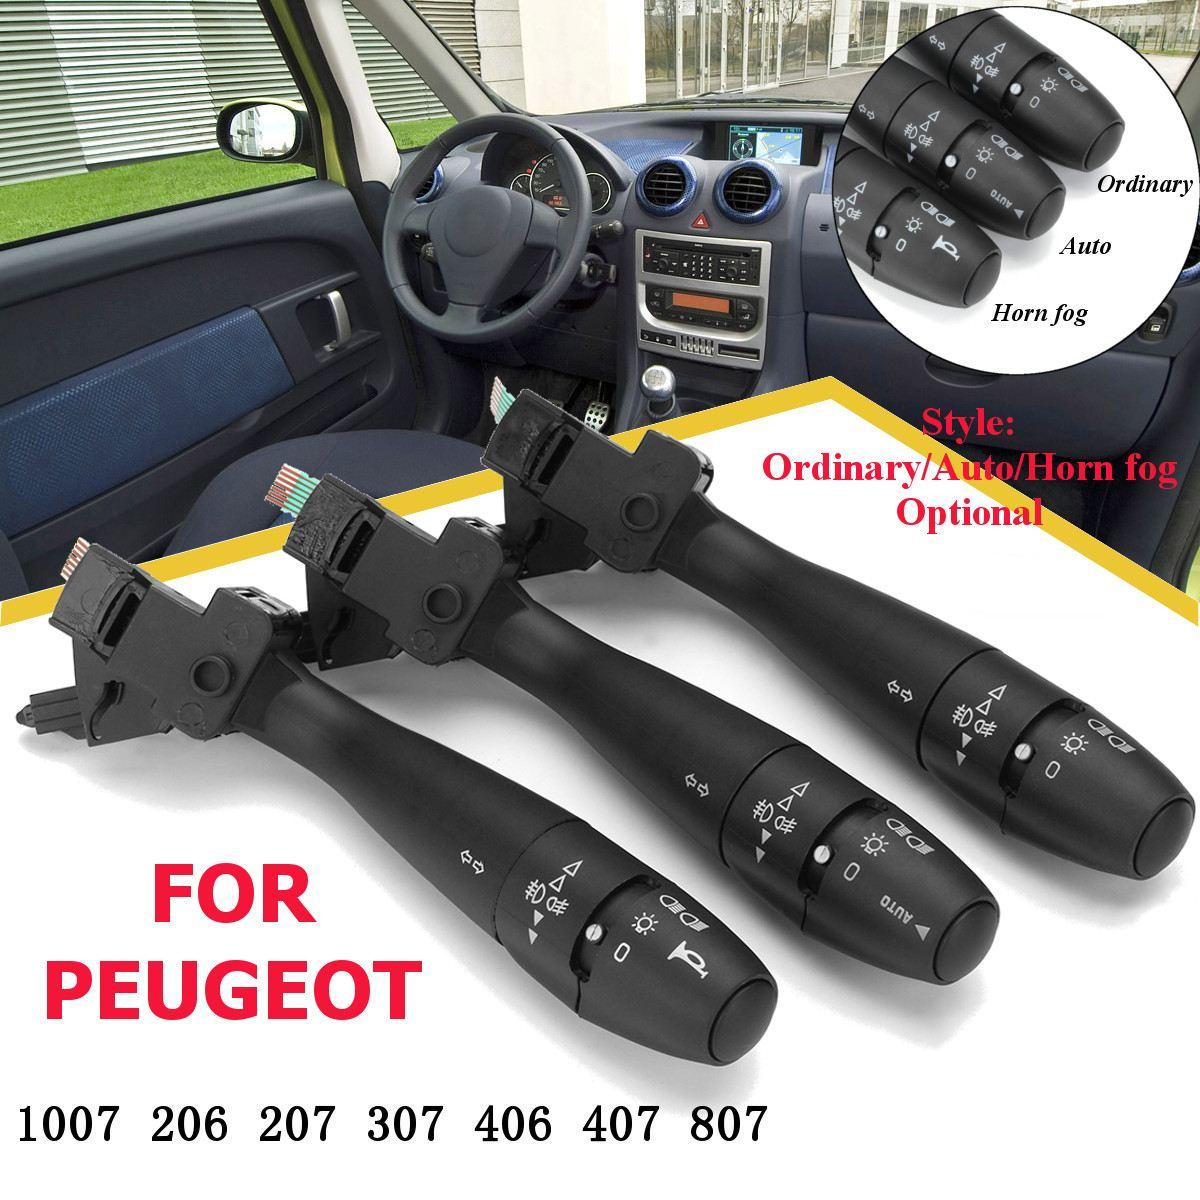 Samochód się wskaźnik sygnału przełącznik kolumna kierownicy róg Auto 96477533XT dla PEUGEOT 1007 206 207 307 406 407 807